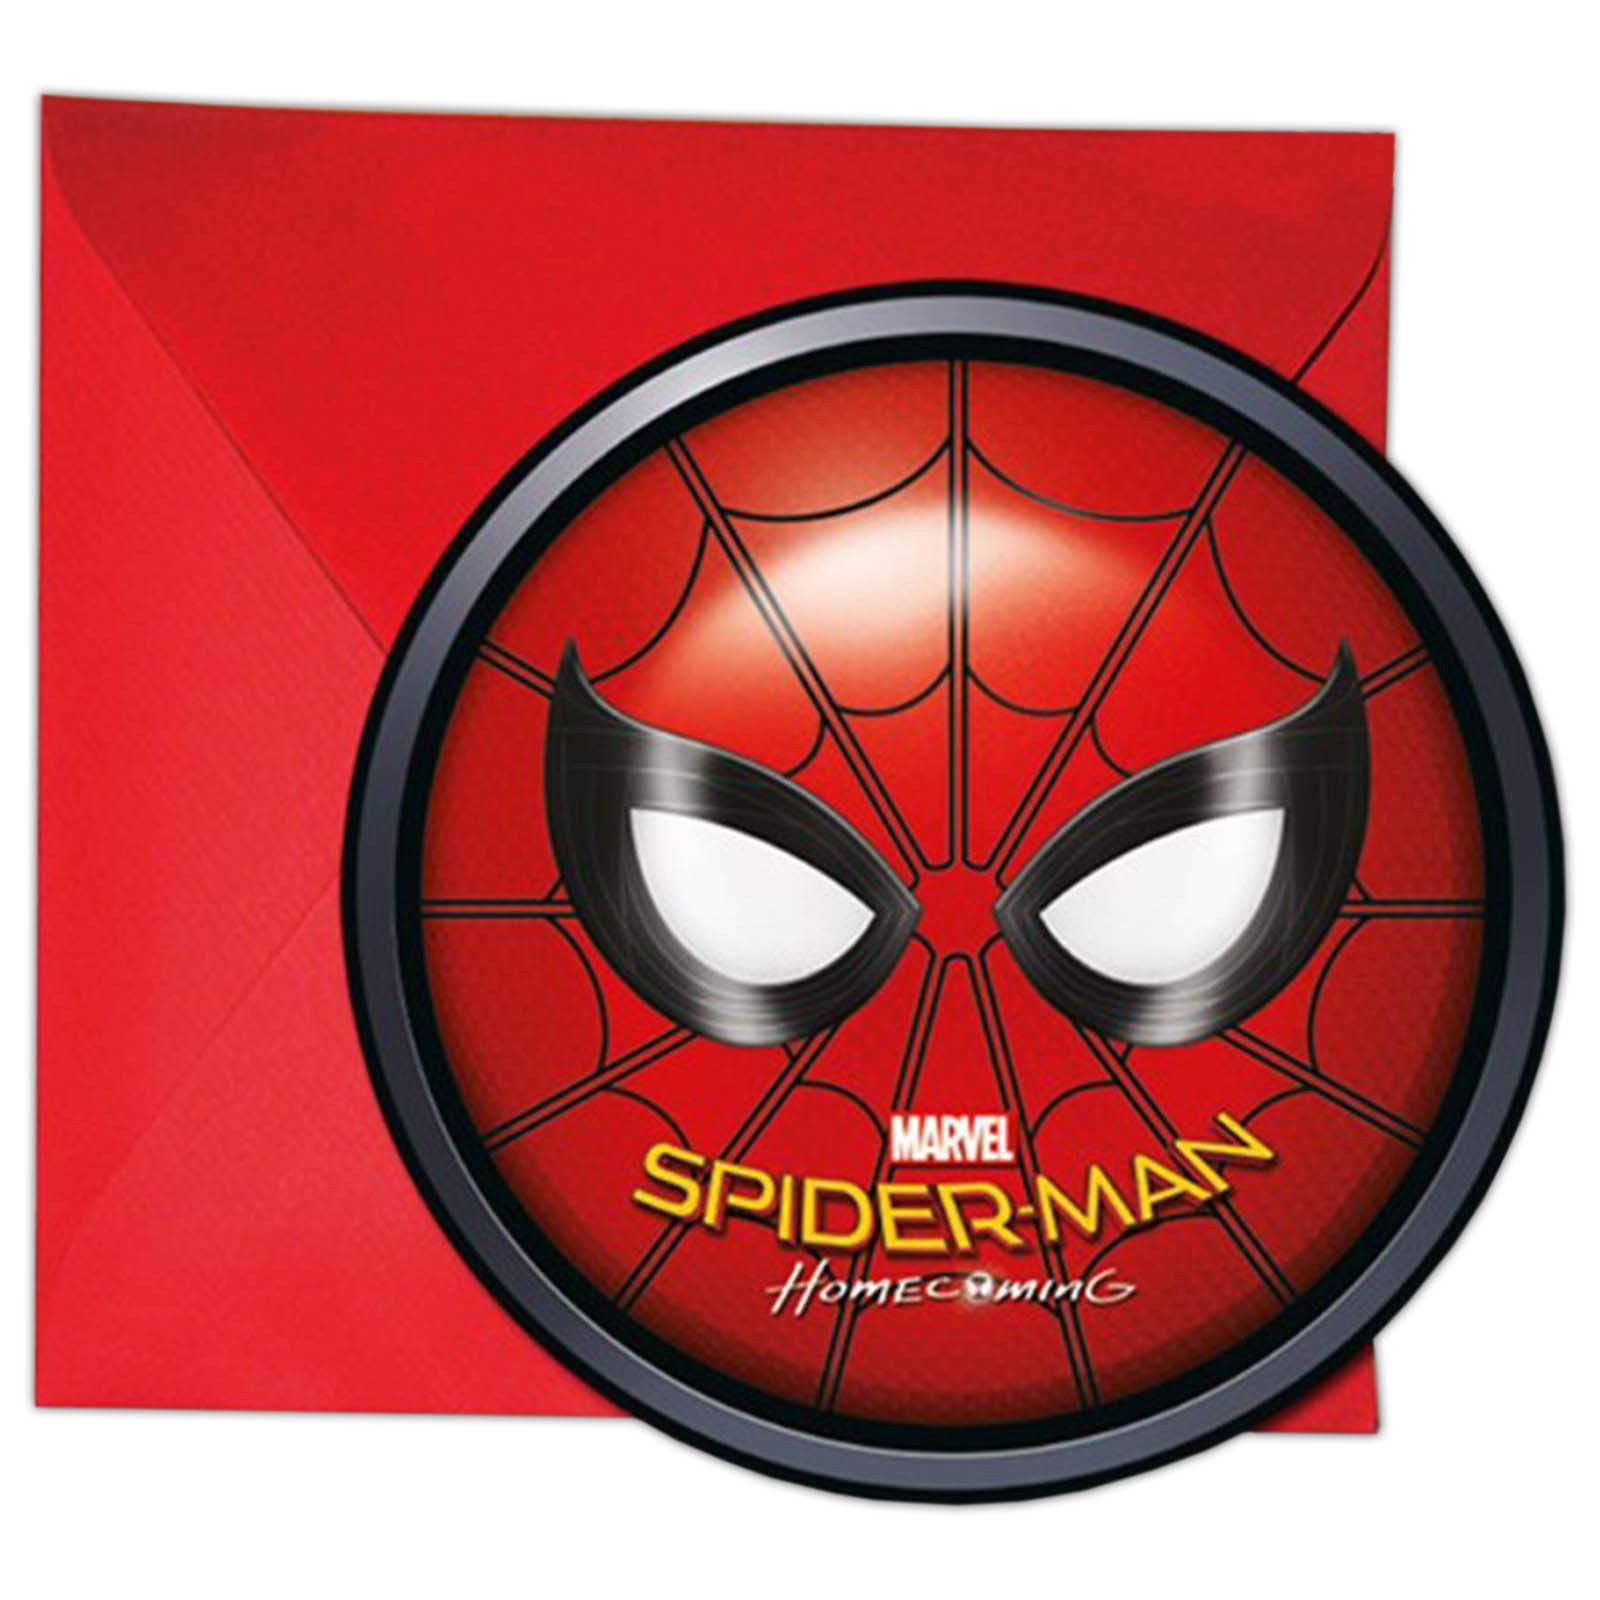 Marvel-Spiderman-Ceremonia-Fiesta-Cumpleanos-Vajilla-Ninos-Decoracion